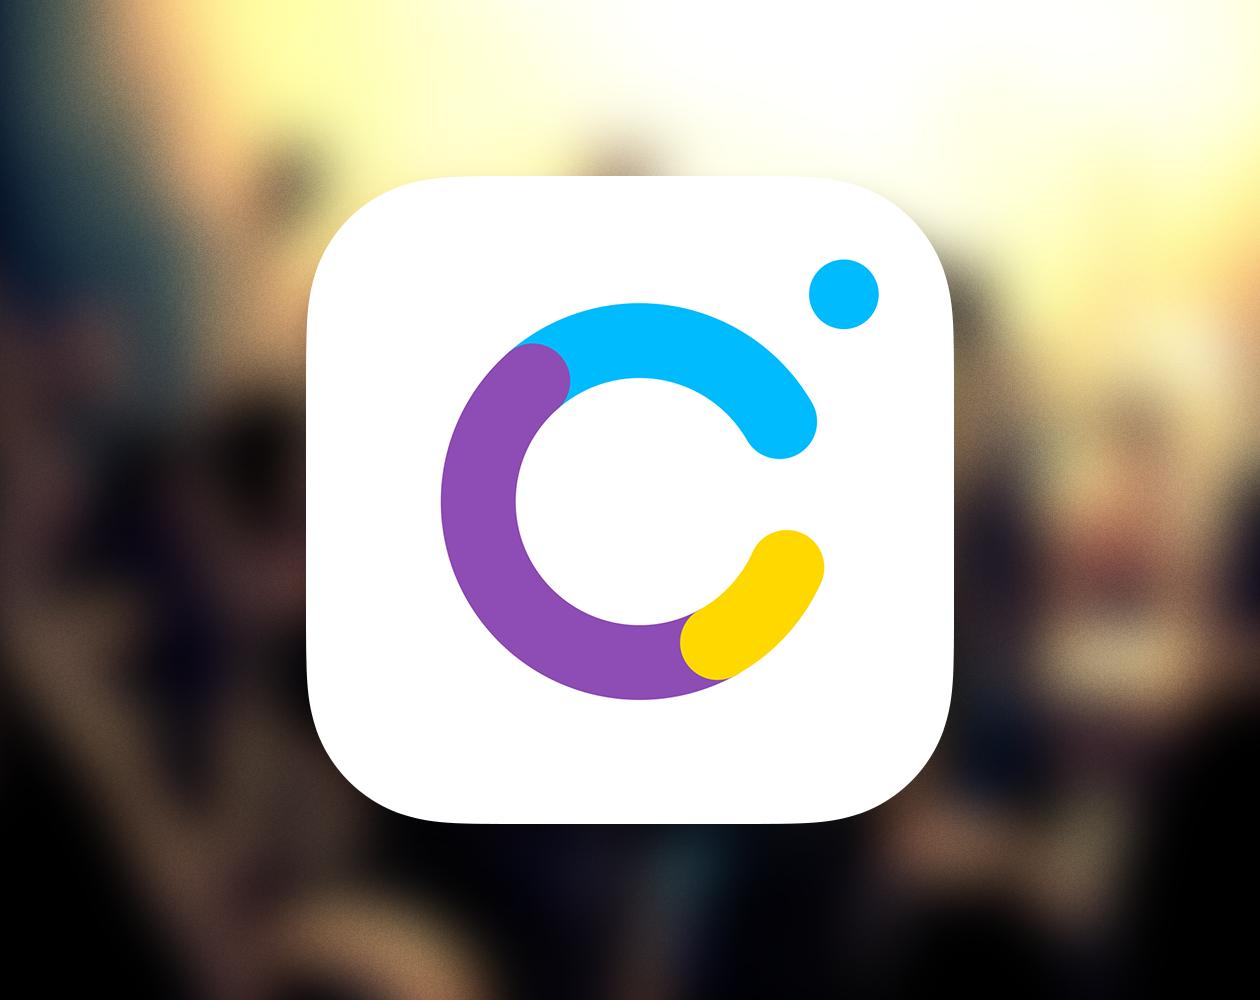 Clip Video для iOS —делаем видеоролики с красивым оформлением